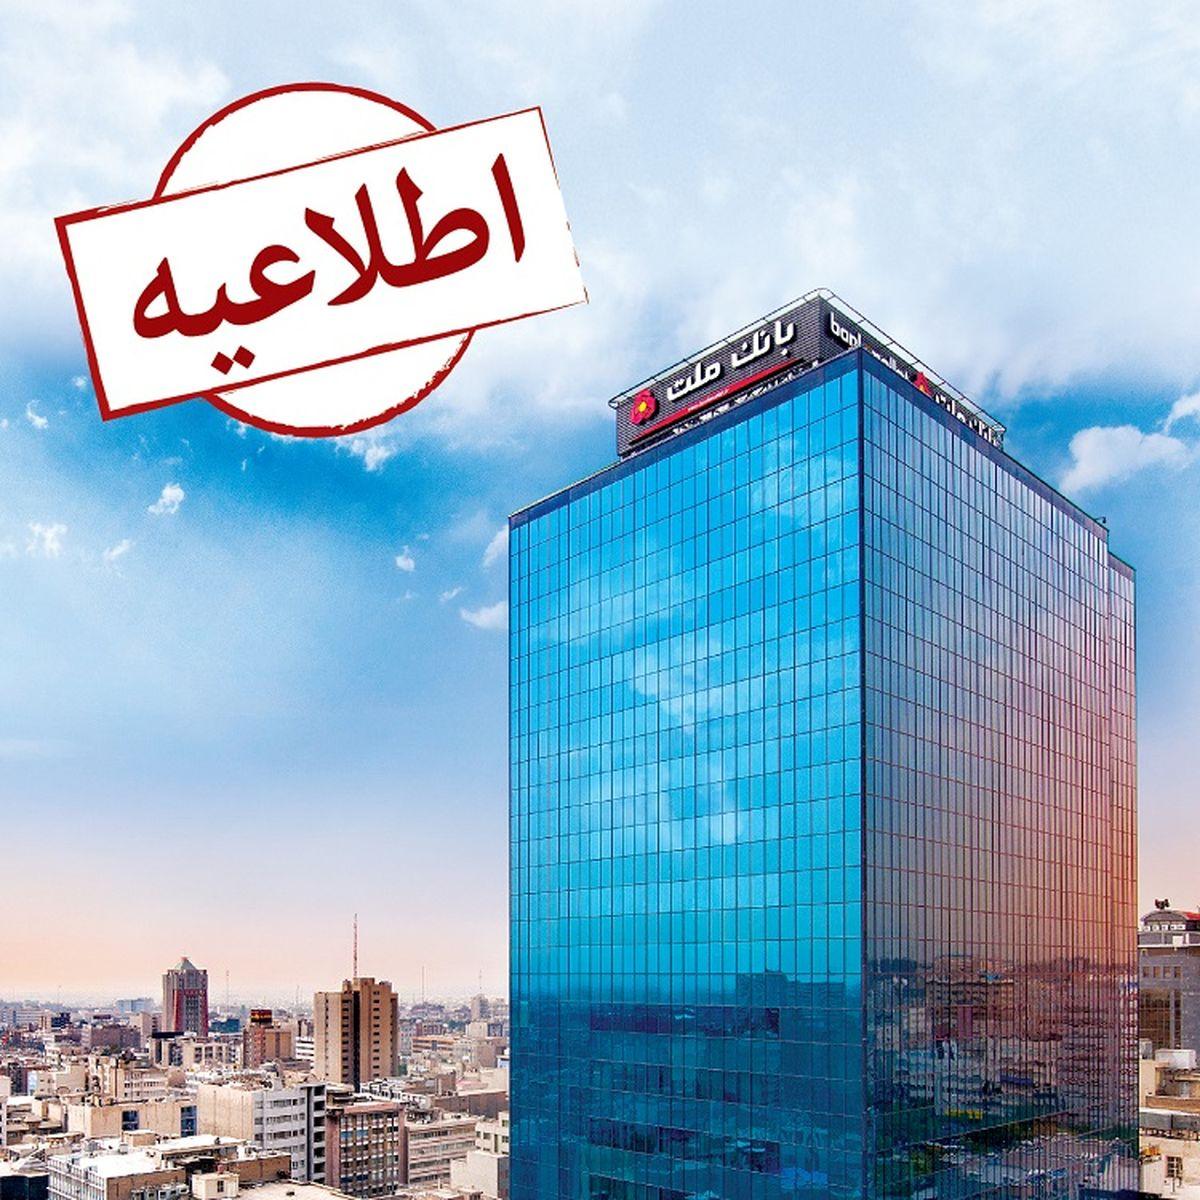 لزوم به روز رسانی نسخههای همراه بانک ملت قبل از پایان دی ماه